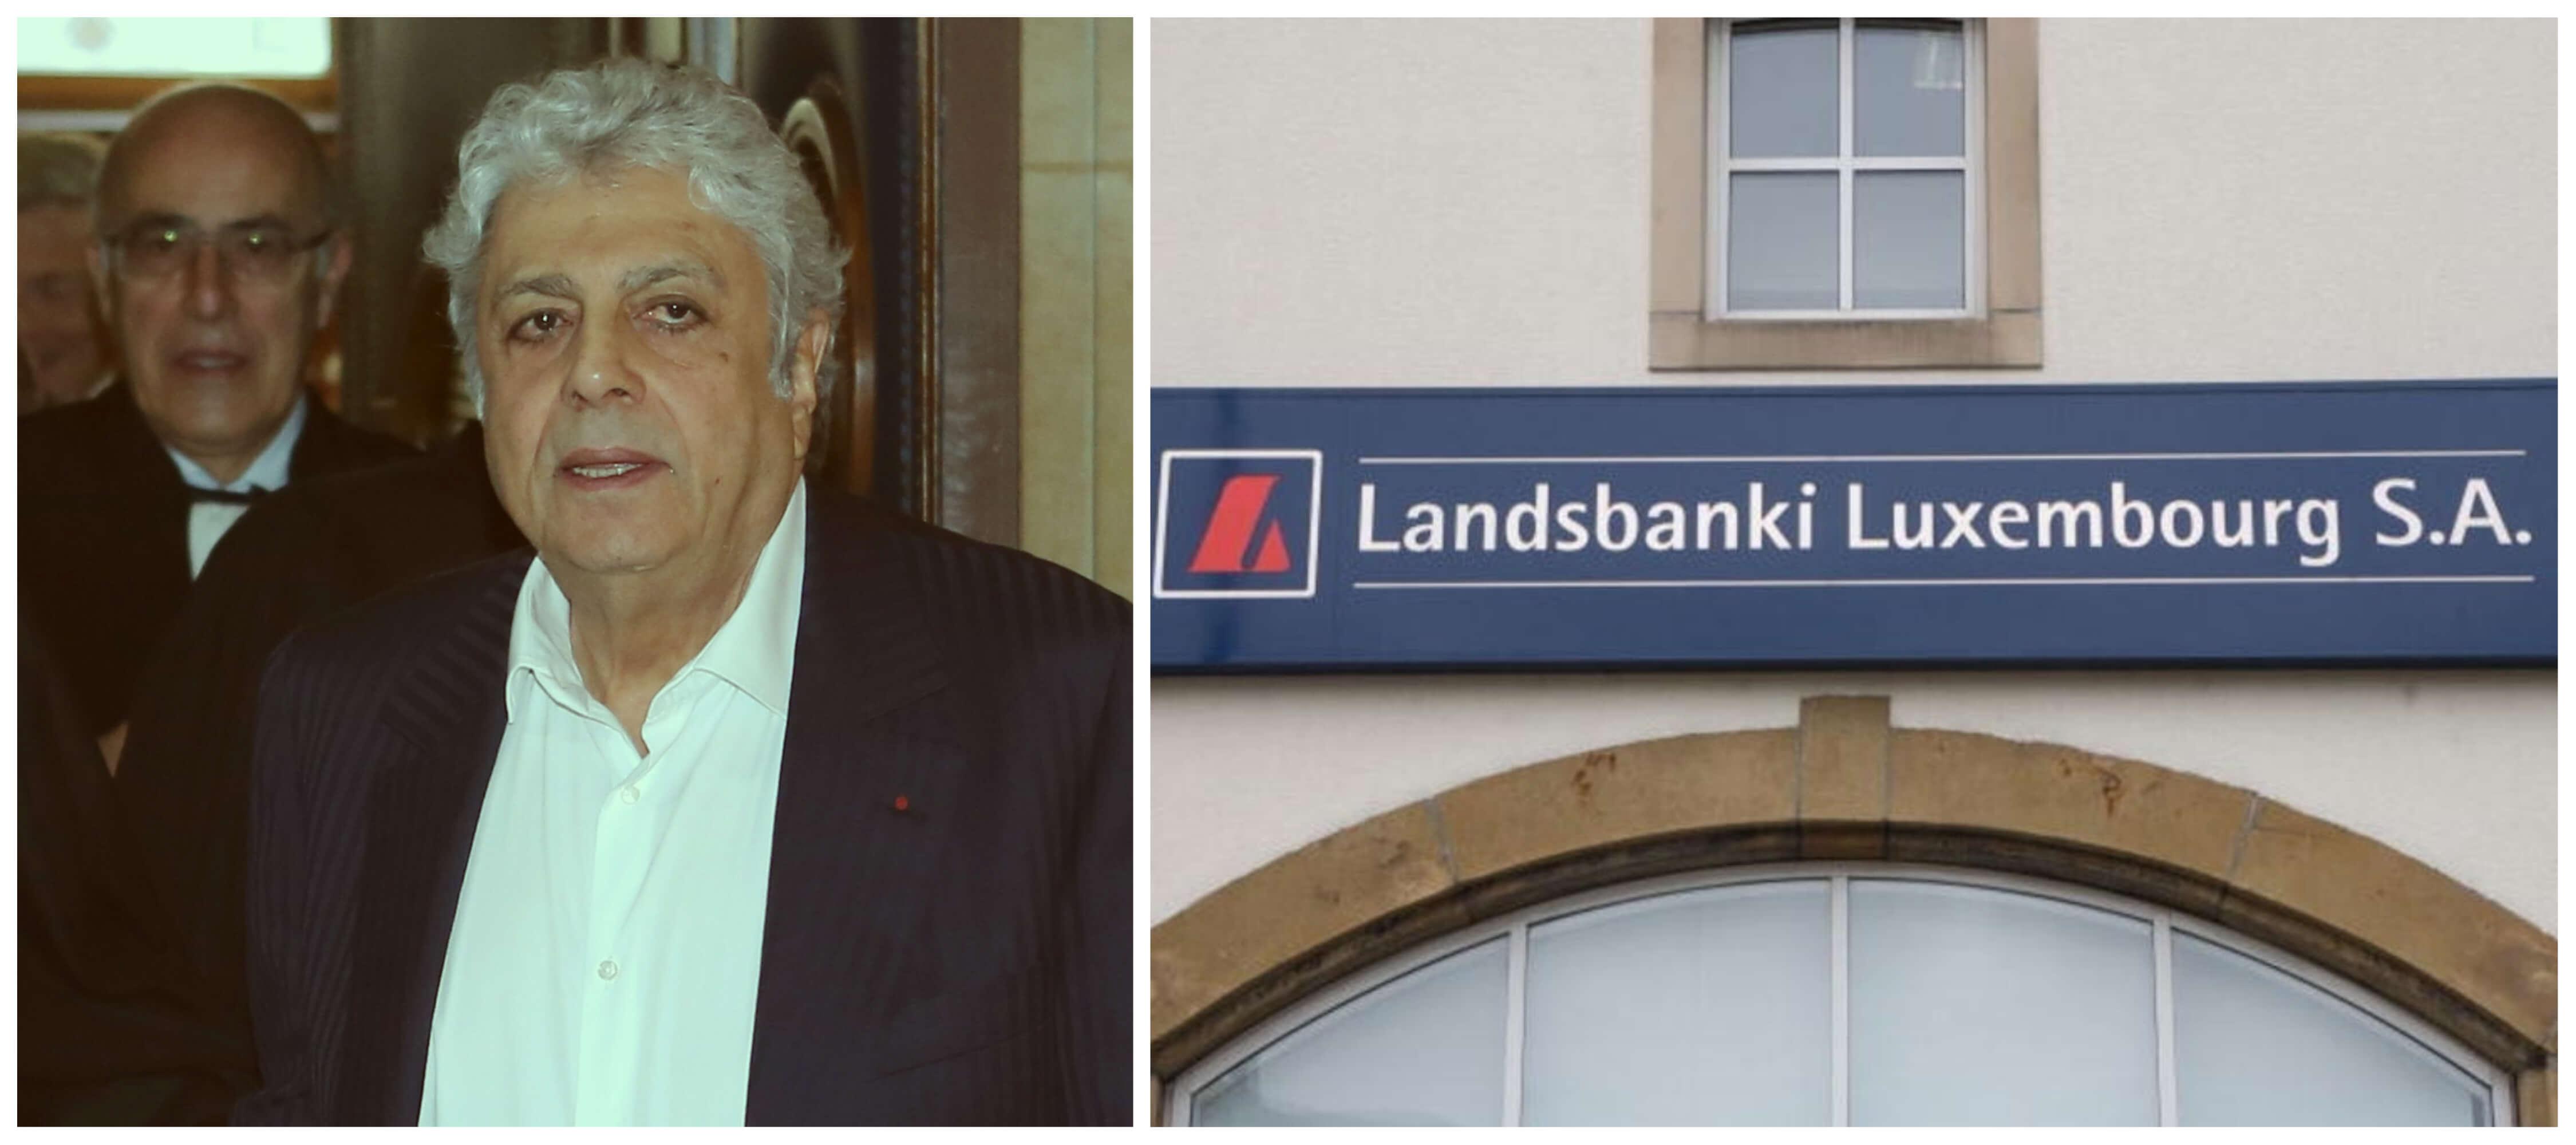 Enrico Macias doit 30 millions d'euros à la liquidatrice de la banque Landsbanki Luxembourg